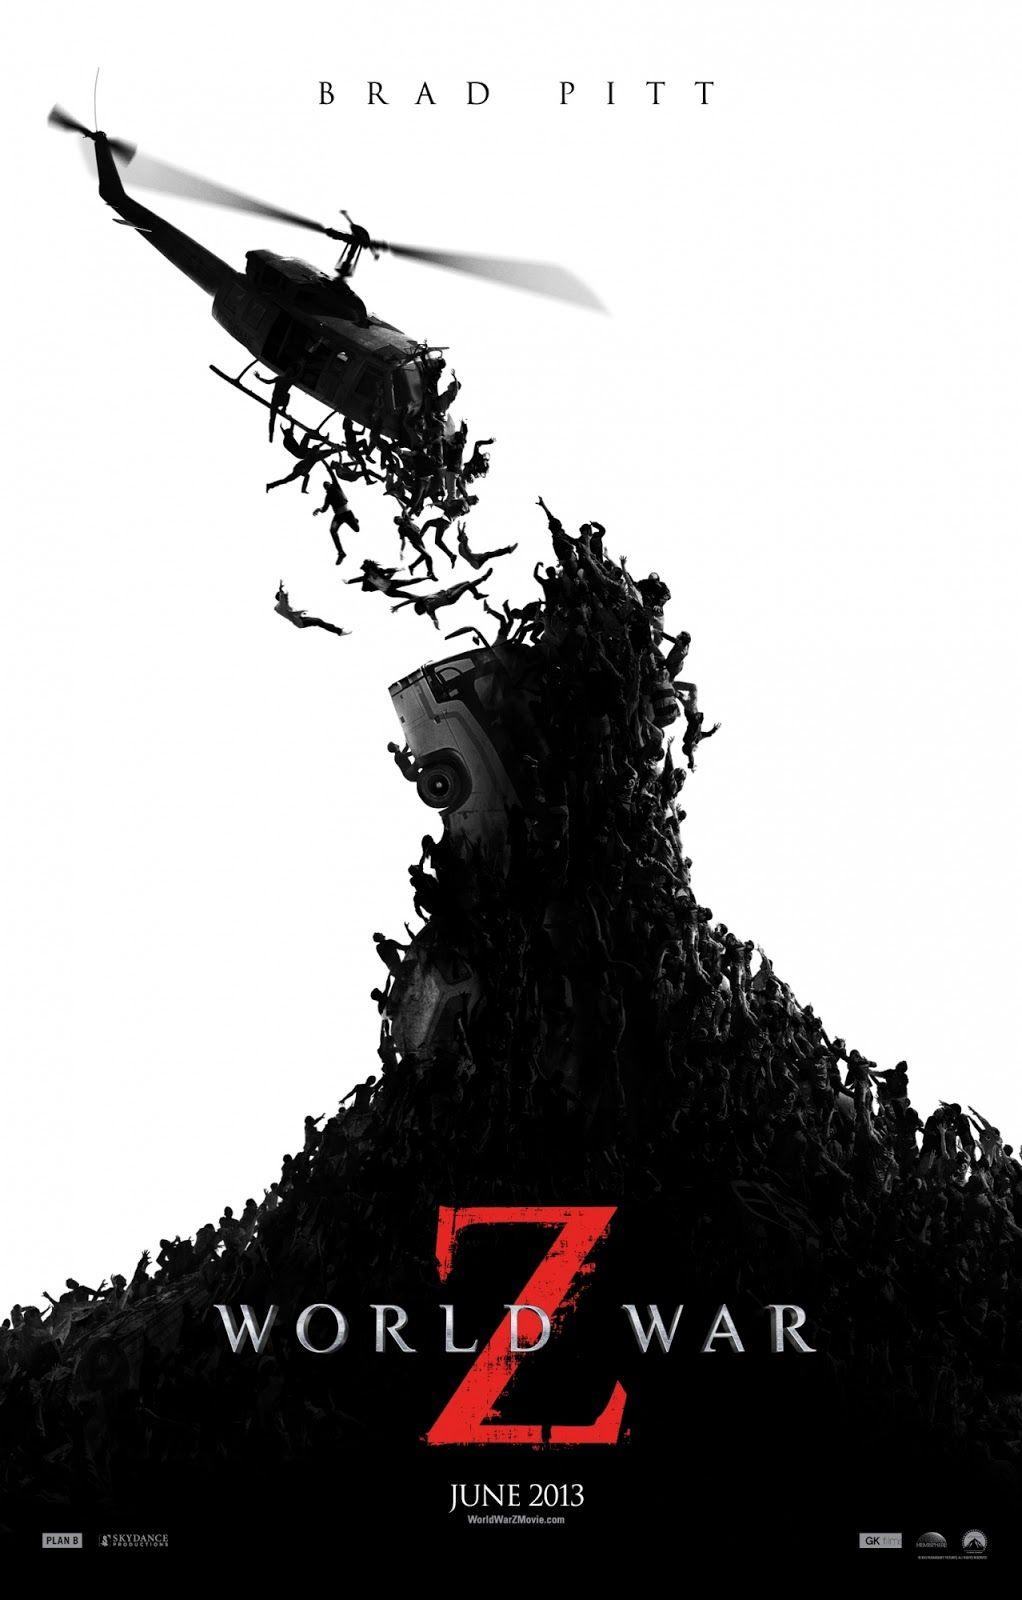 World War Z (2013) 末日之戰 Zombie movies, Movie posters